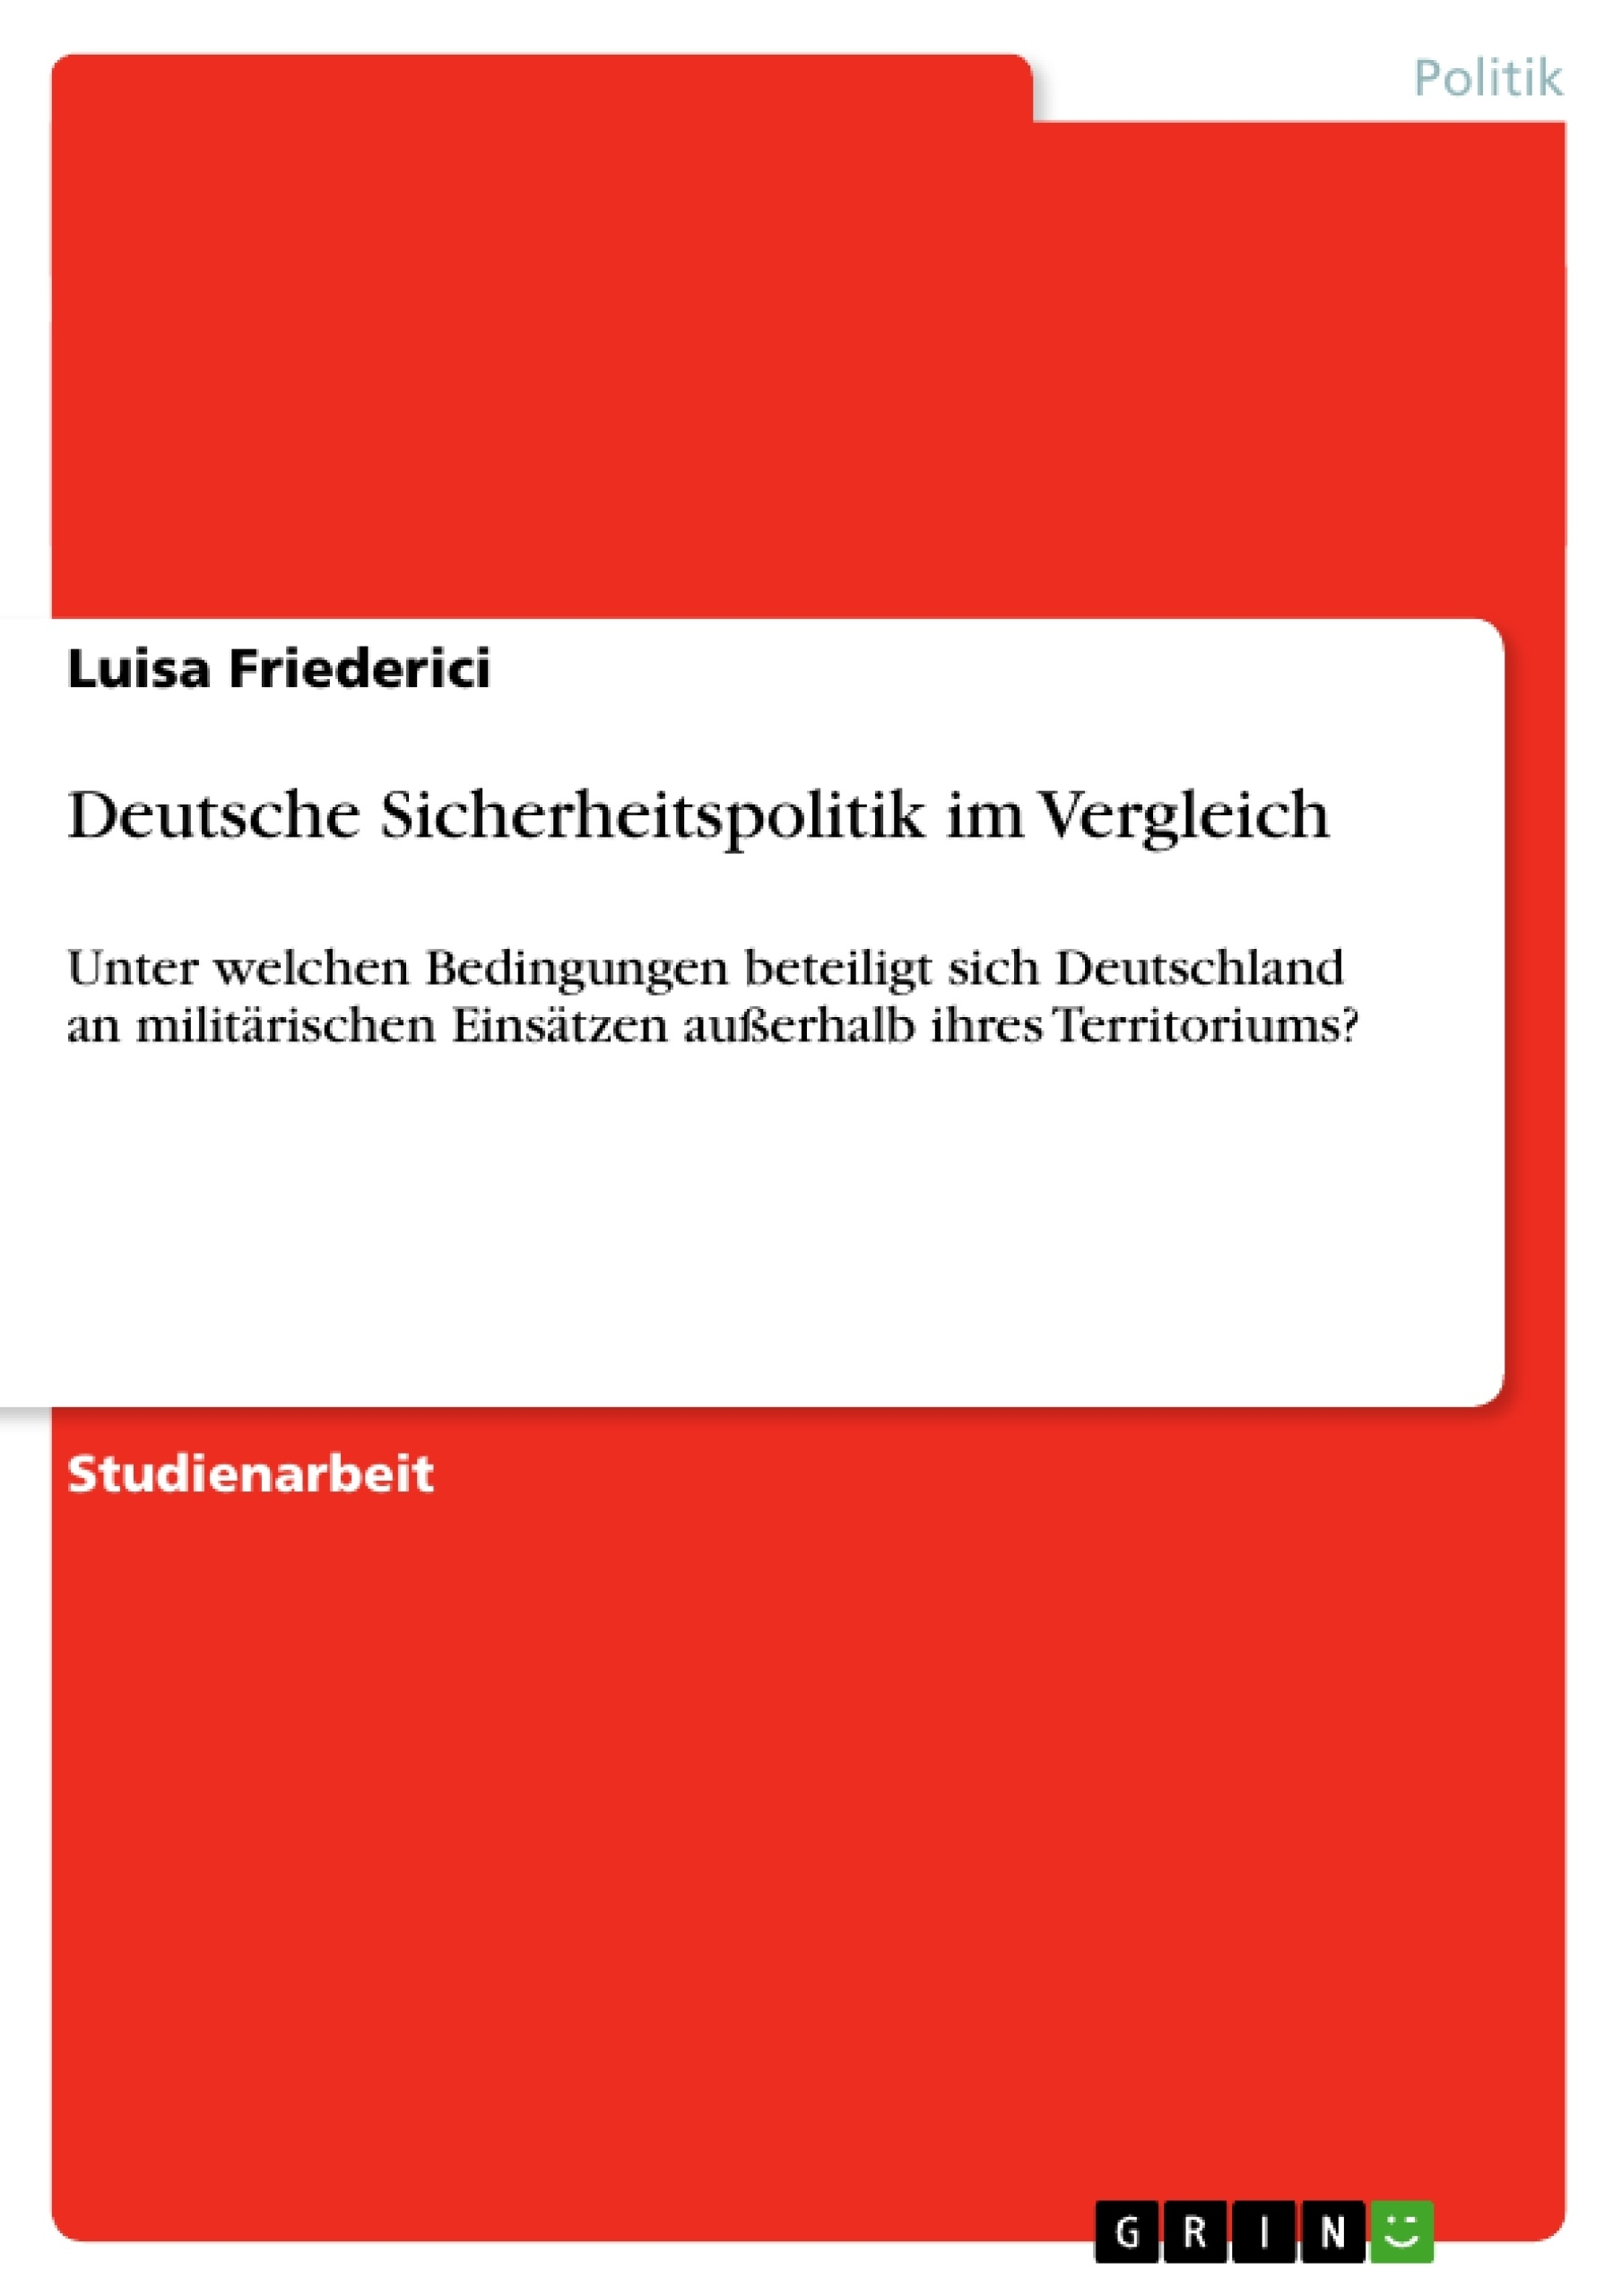 Titel: Deutsche Sicherheitspolitik im Vergleich